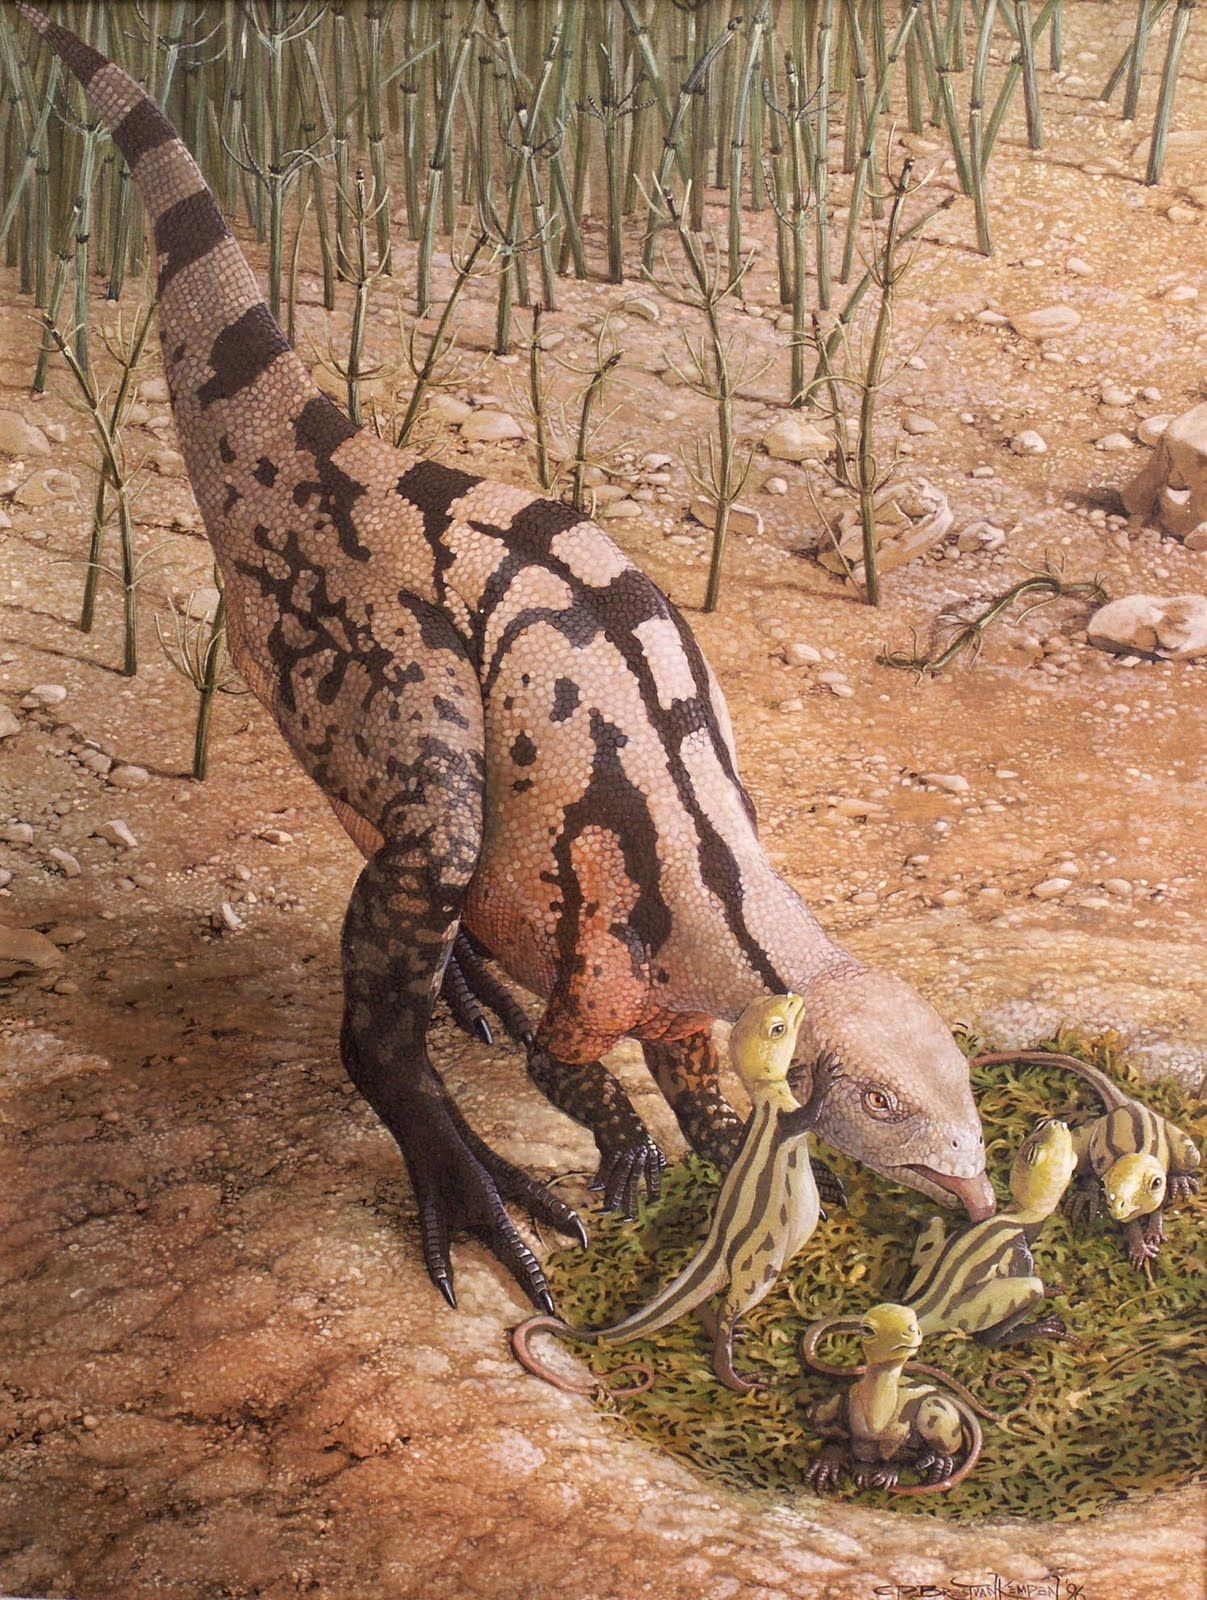 Dryosaurus So Cute An Ornithopod Dinosaur In The Dinosaurs And